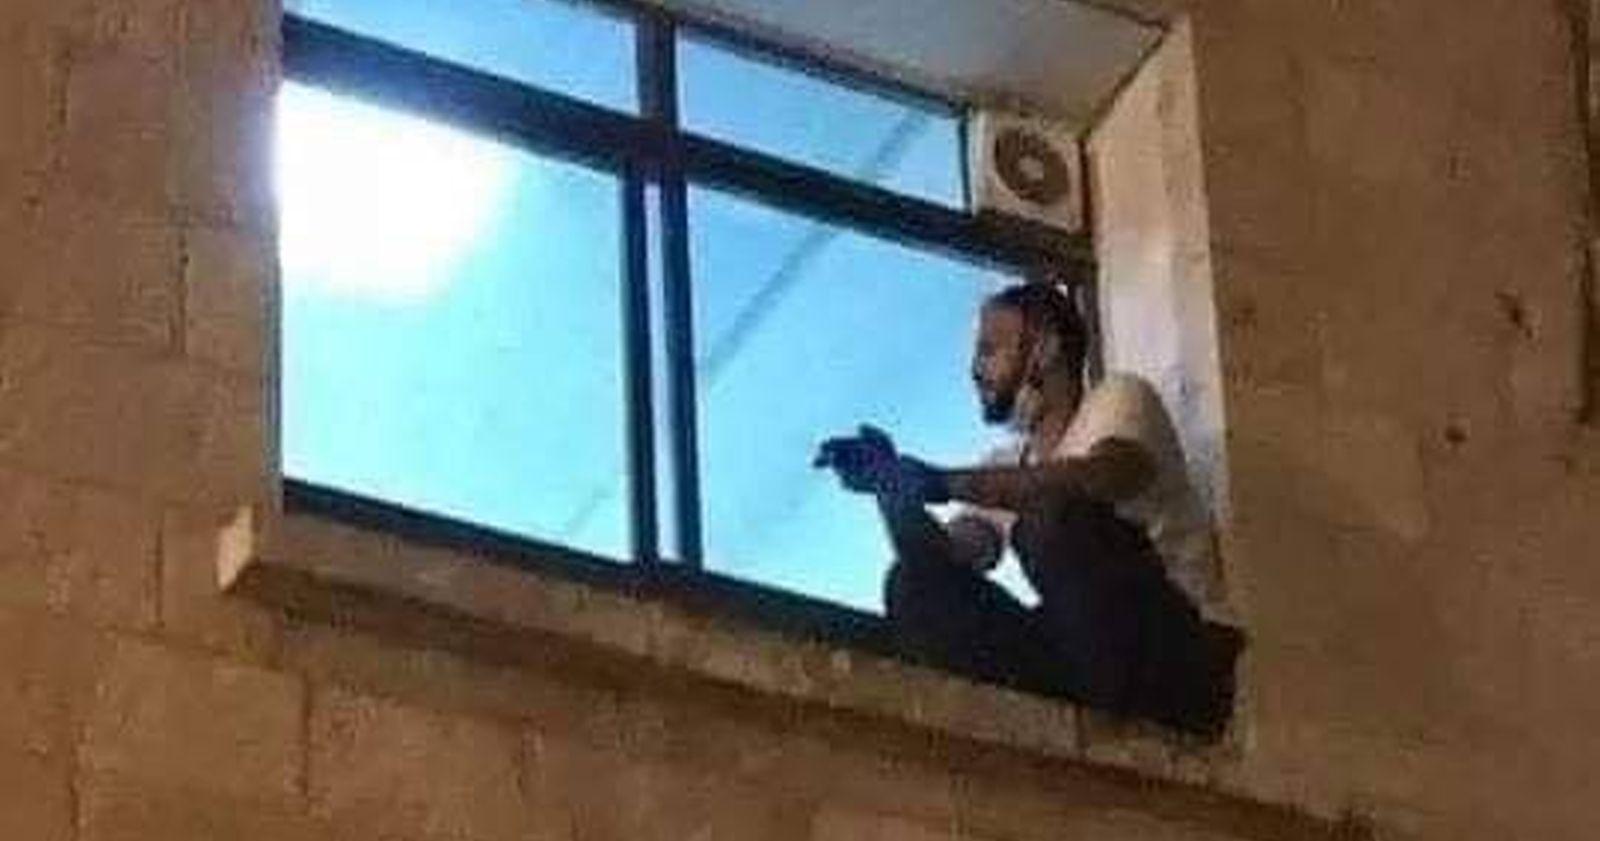 La historia del palestino que escaló a la ventana de un hospital para despedirse de su madre con COVID-19